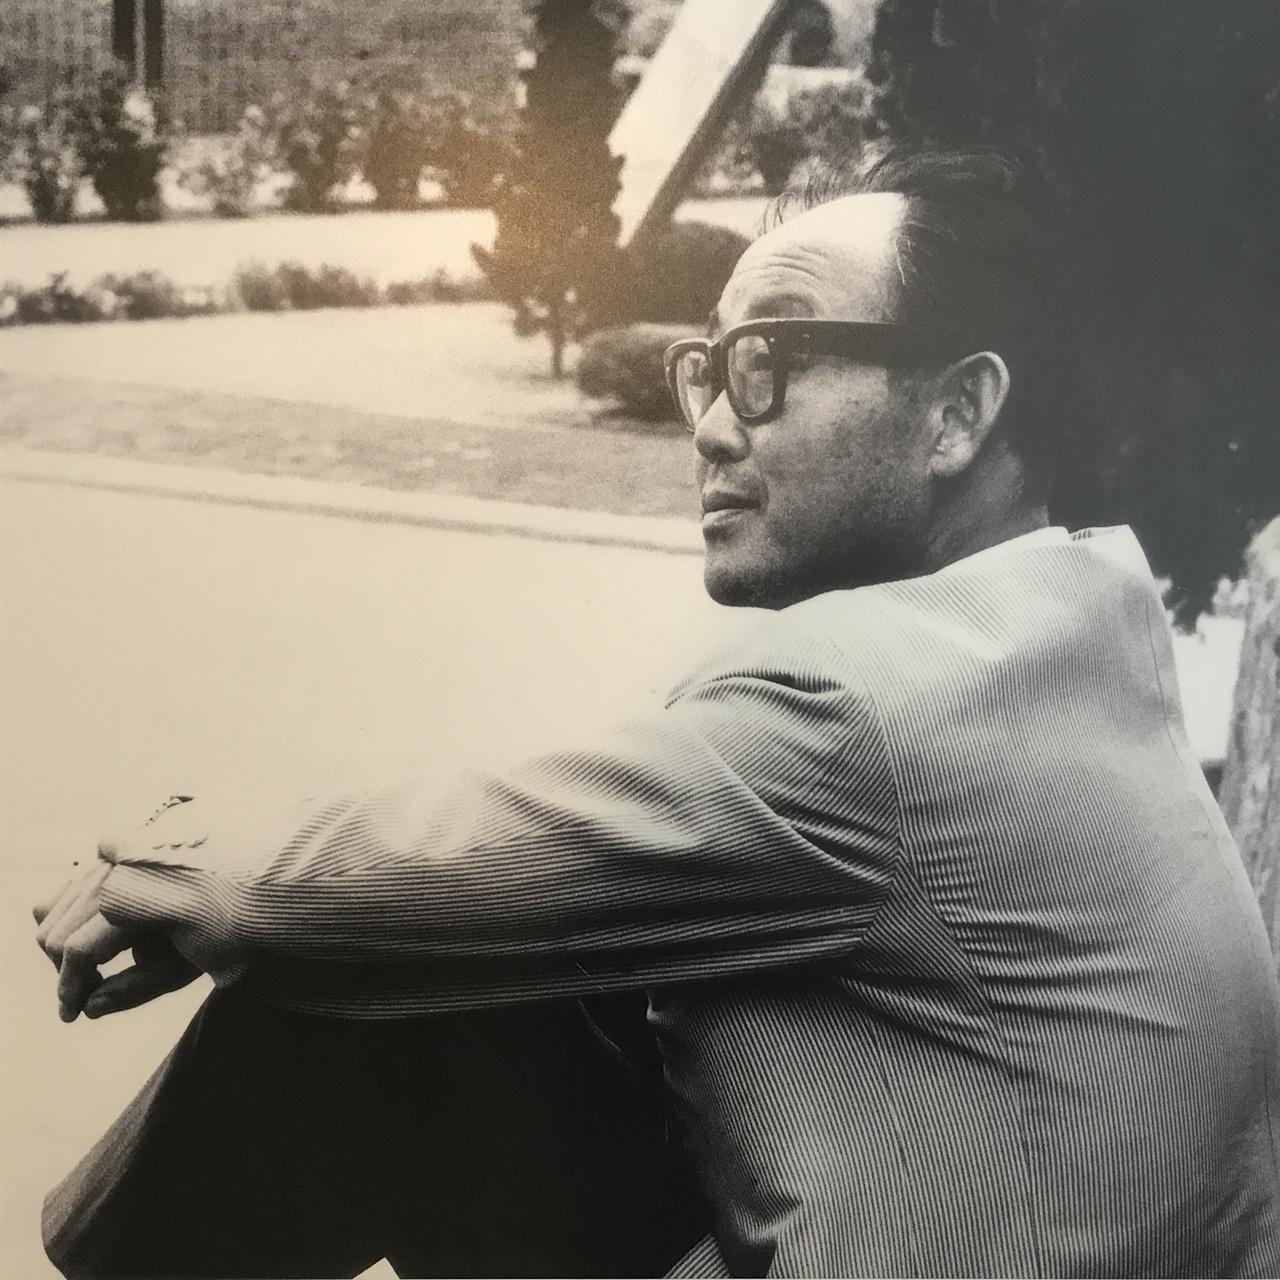 소신있는 건축가이자 지식인 김중업 평양 출신인 그는 '고향'을 떠나 남한에 정착하지만 '고국'으로부터 추방 당한다. 김중업은 이런 자신의 신세를 '유민'(流民)이라고 말한 적 있다. 반골과 야인의 삶을 살지만 그는 건축가와 지식인으로서 자신의 소신을 굽히지 않고 군사정권의 개발 정책을 비판했다. 김중업건축박물관에서 재촬영한 사진.